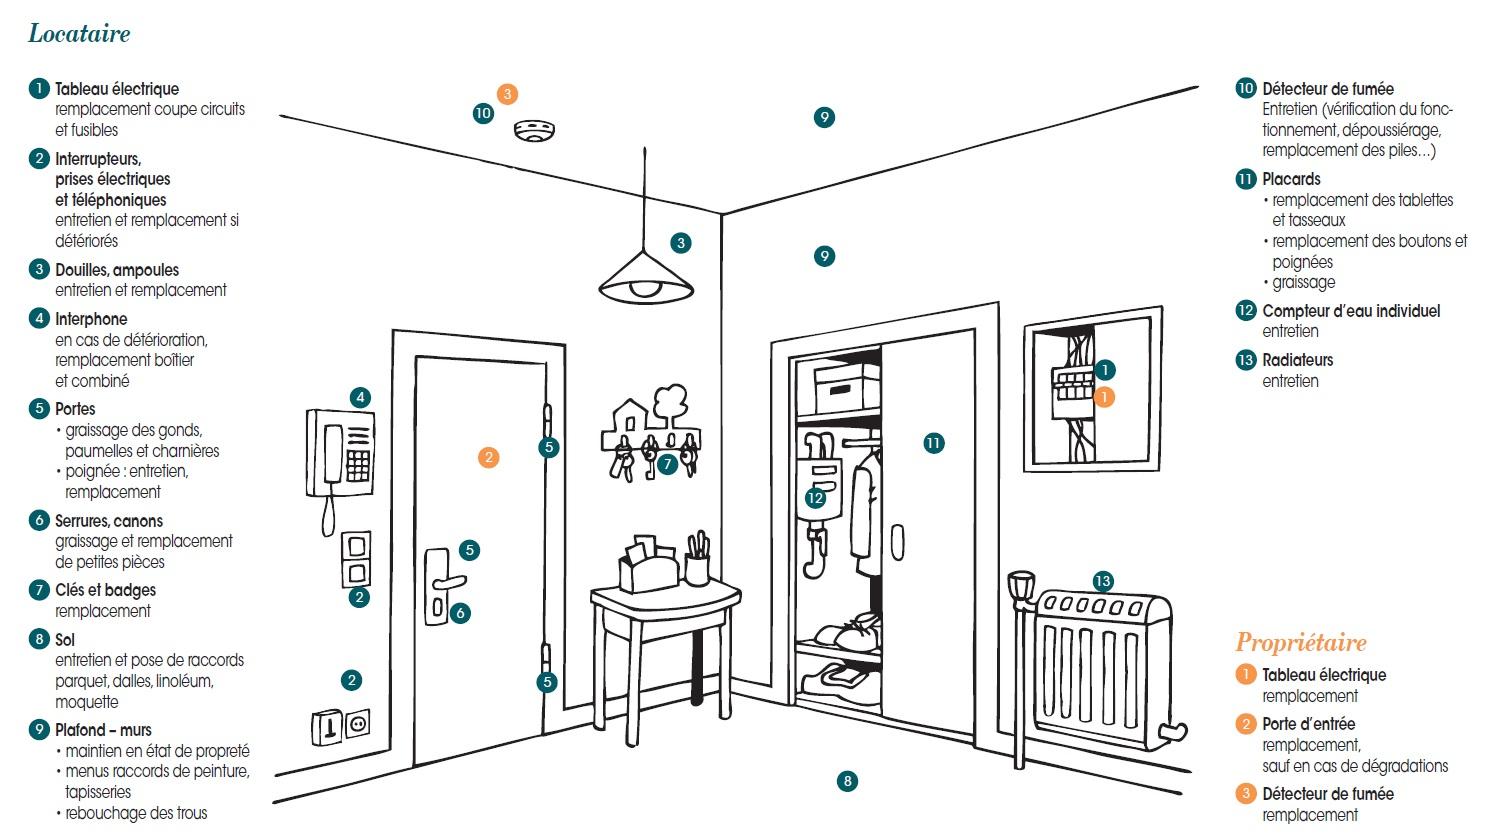 propri taires locataires en cas de d g ts qui r pare. Black Bedroom Furniture Sets. Home Design Ideas